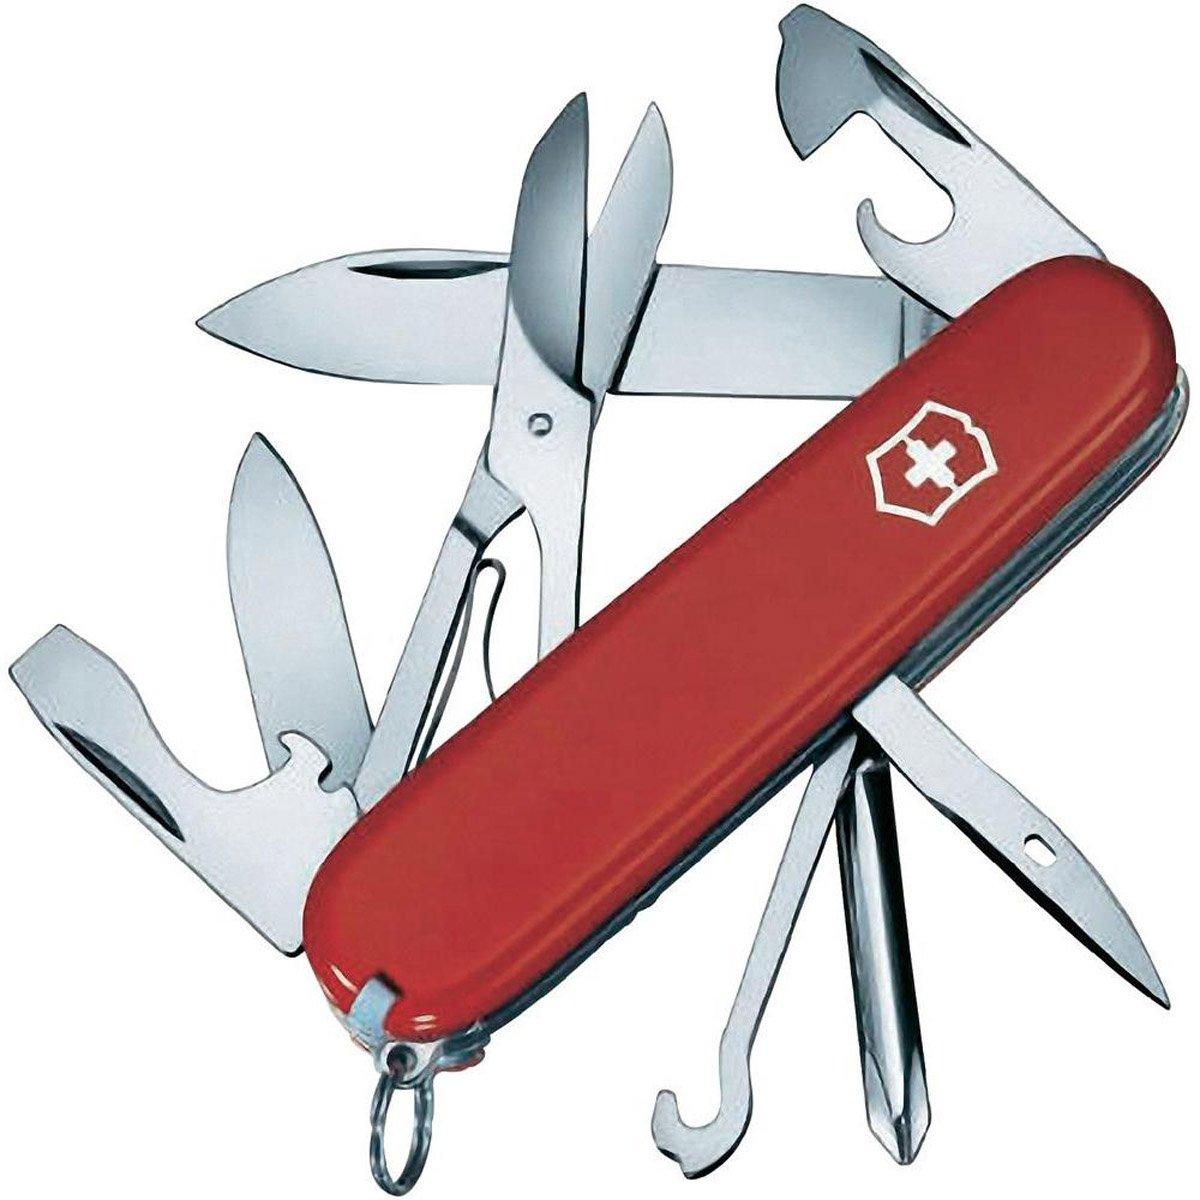 Victorinox Swiss Super Tinker Pocket